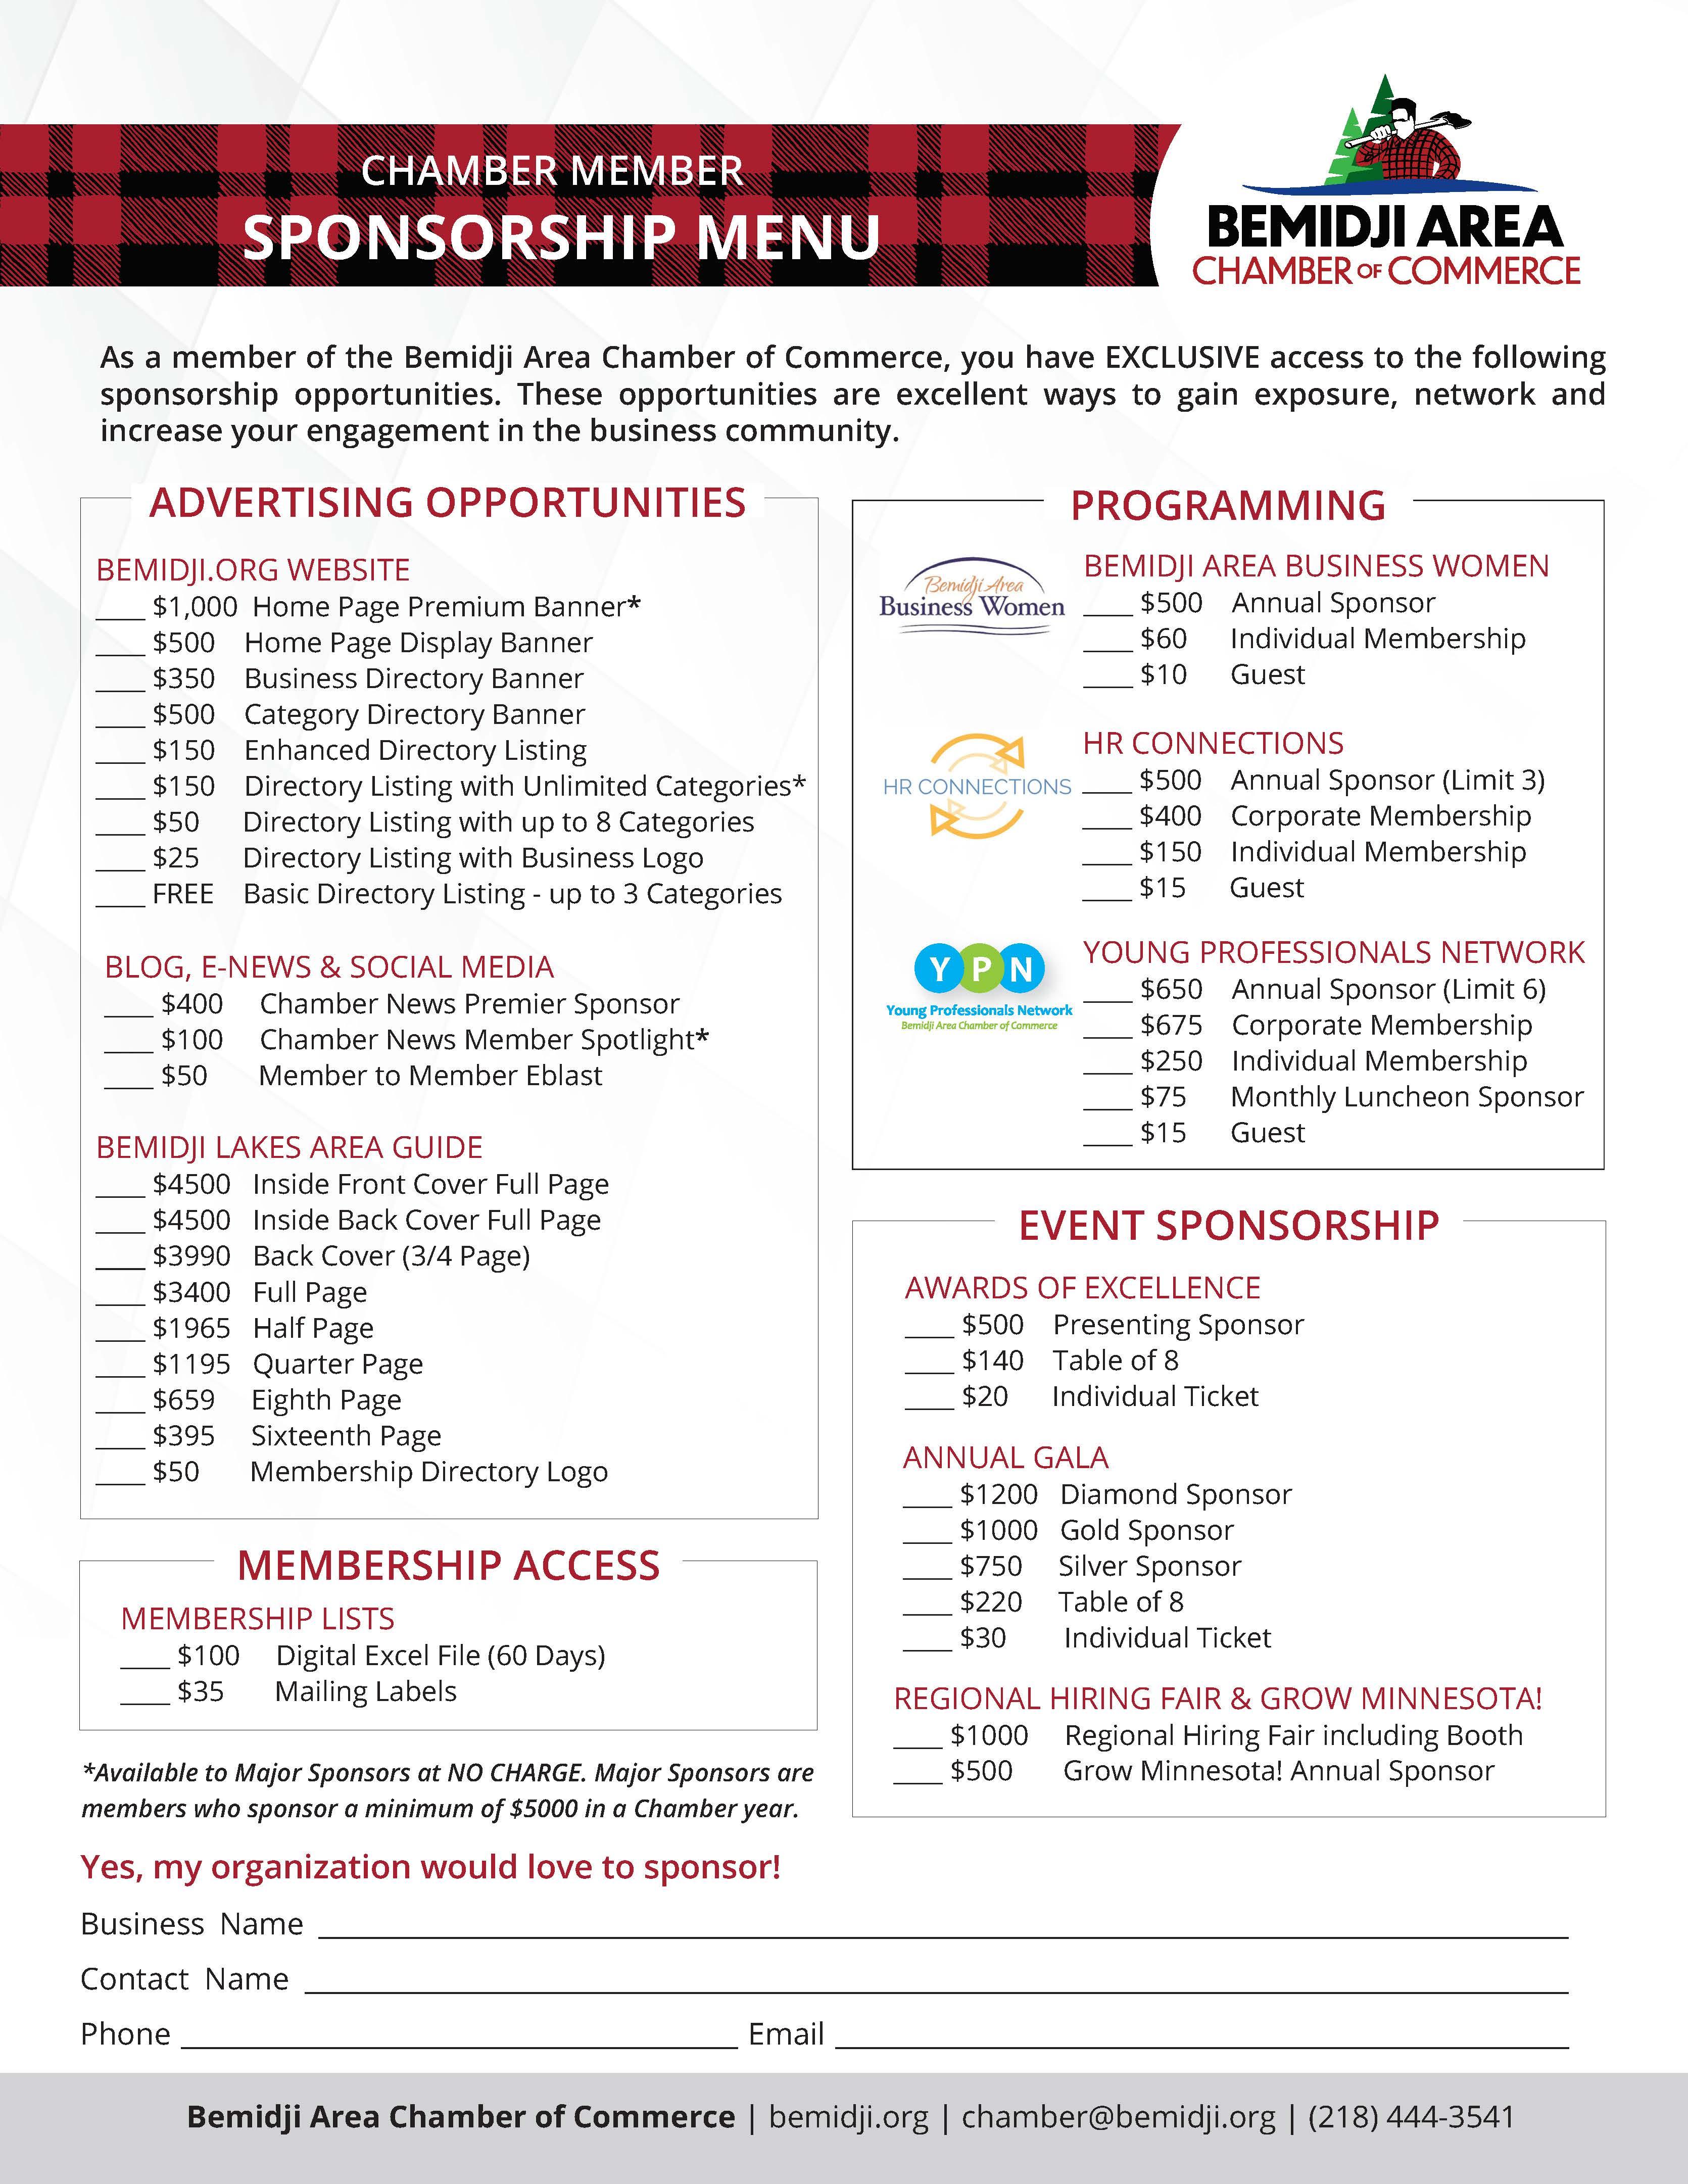 Bemidji Area Chamber Sponsorship Opportunities